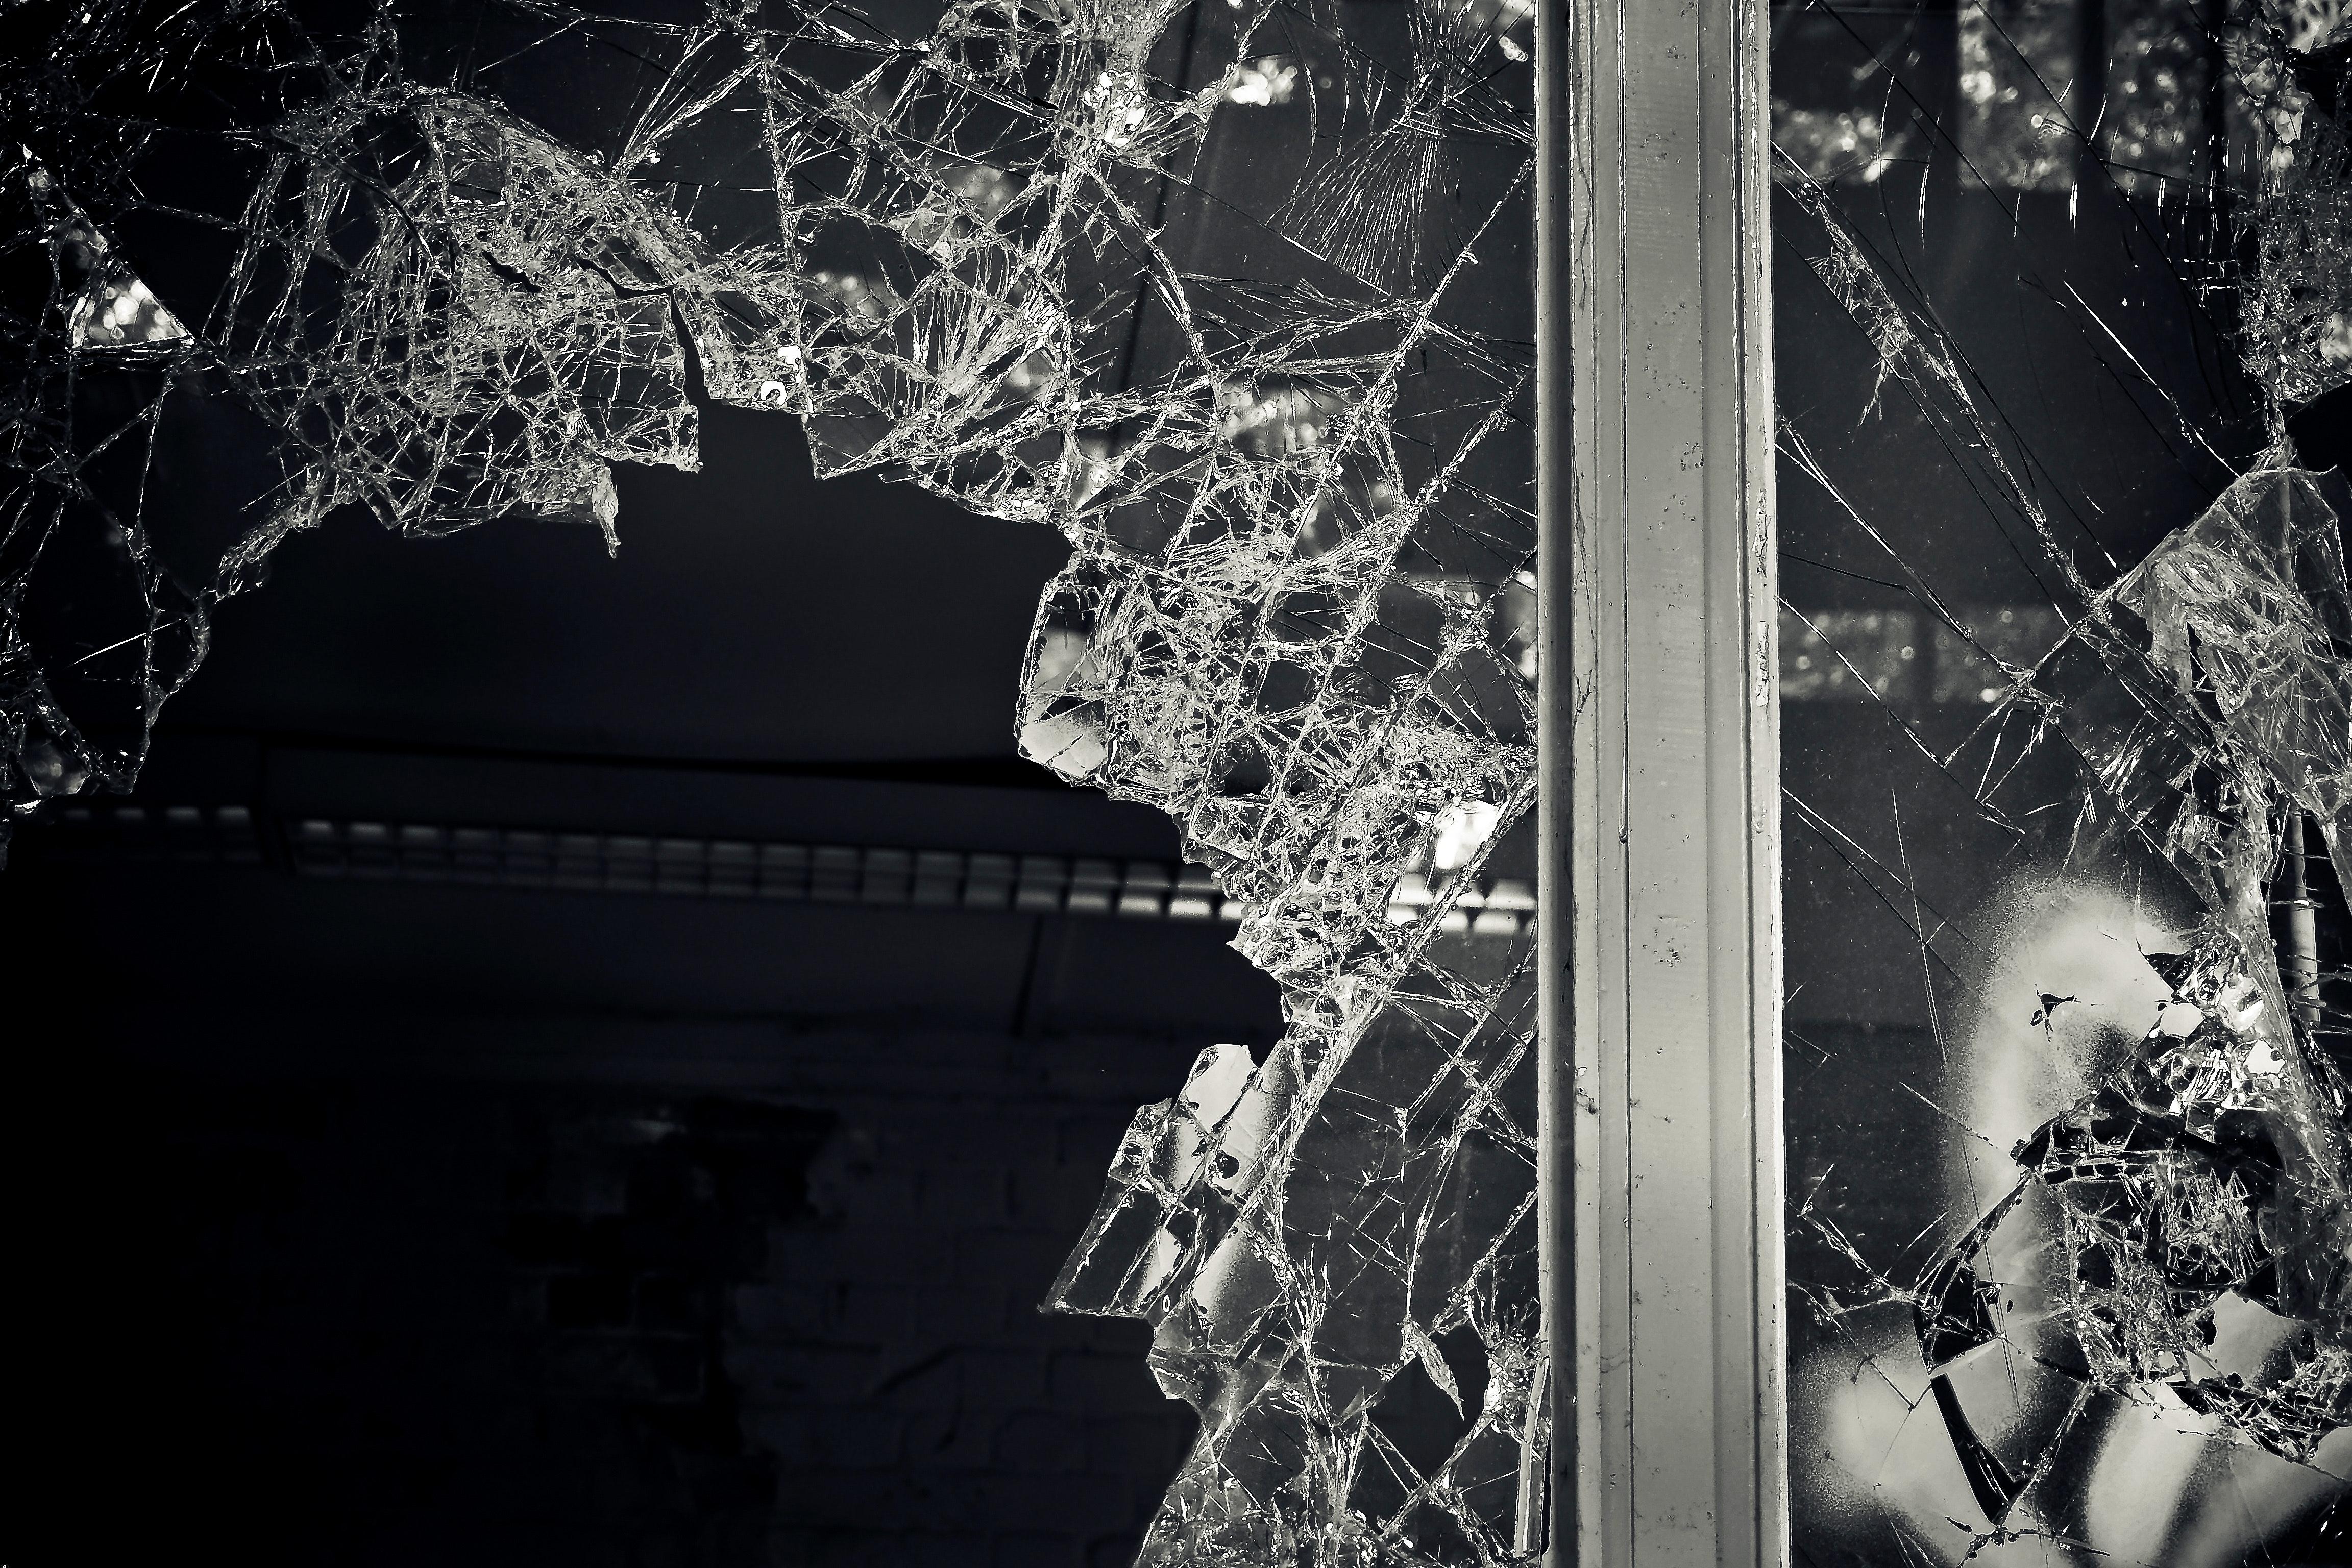 smash window